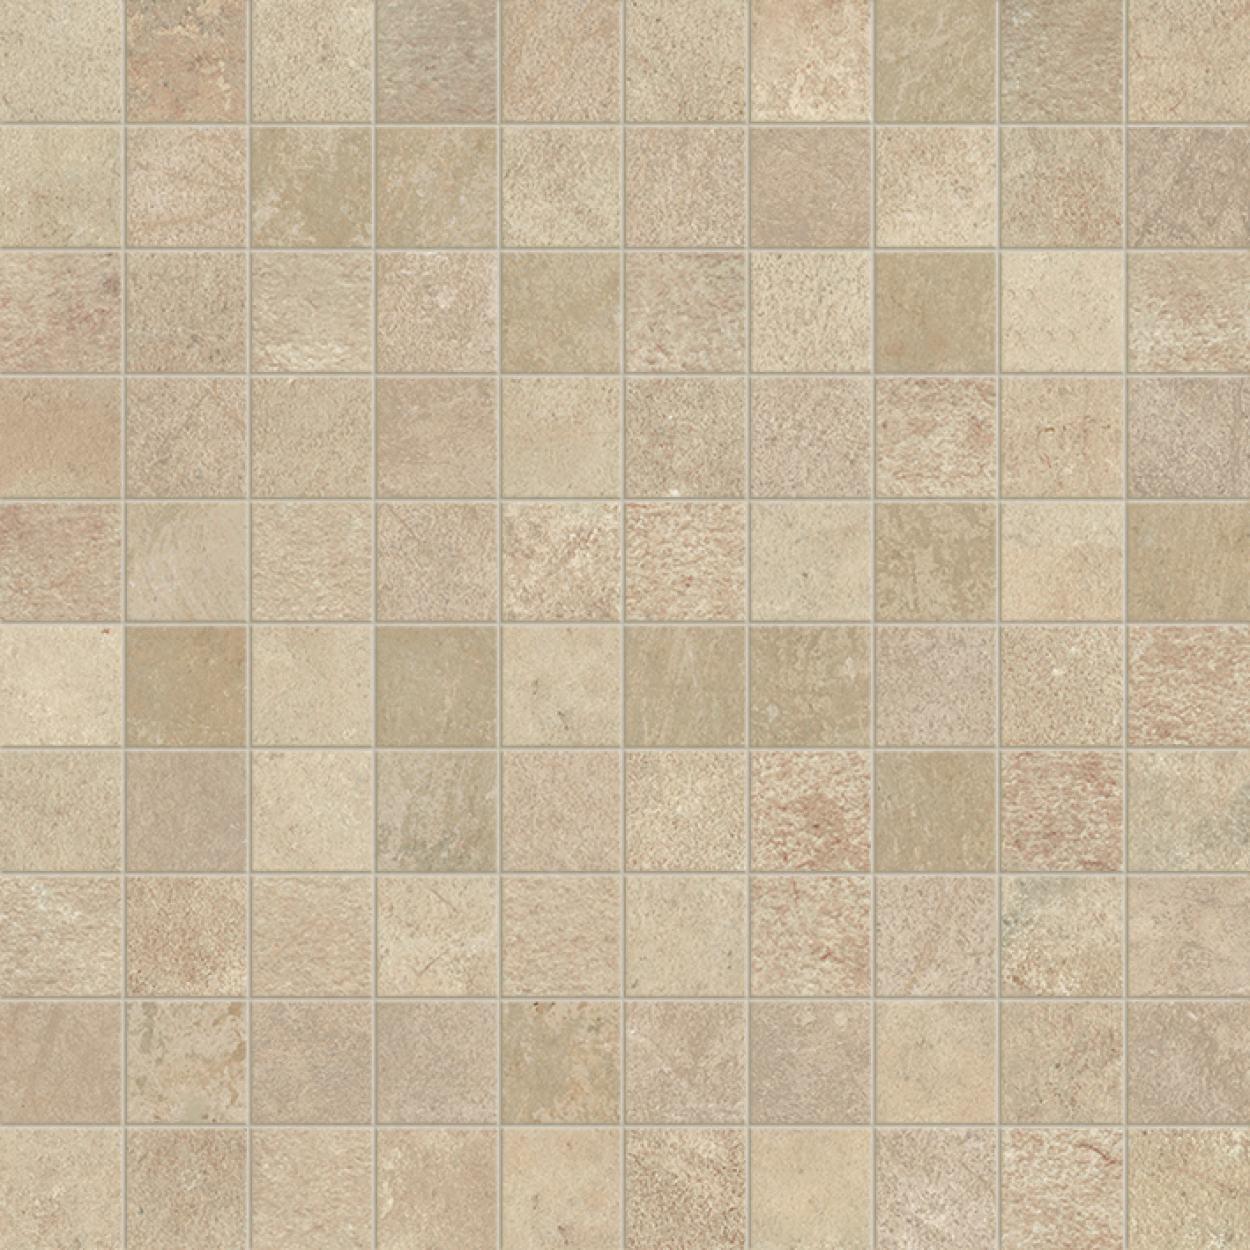 1 x 1 Midtown Harlem mosaic